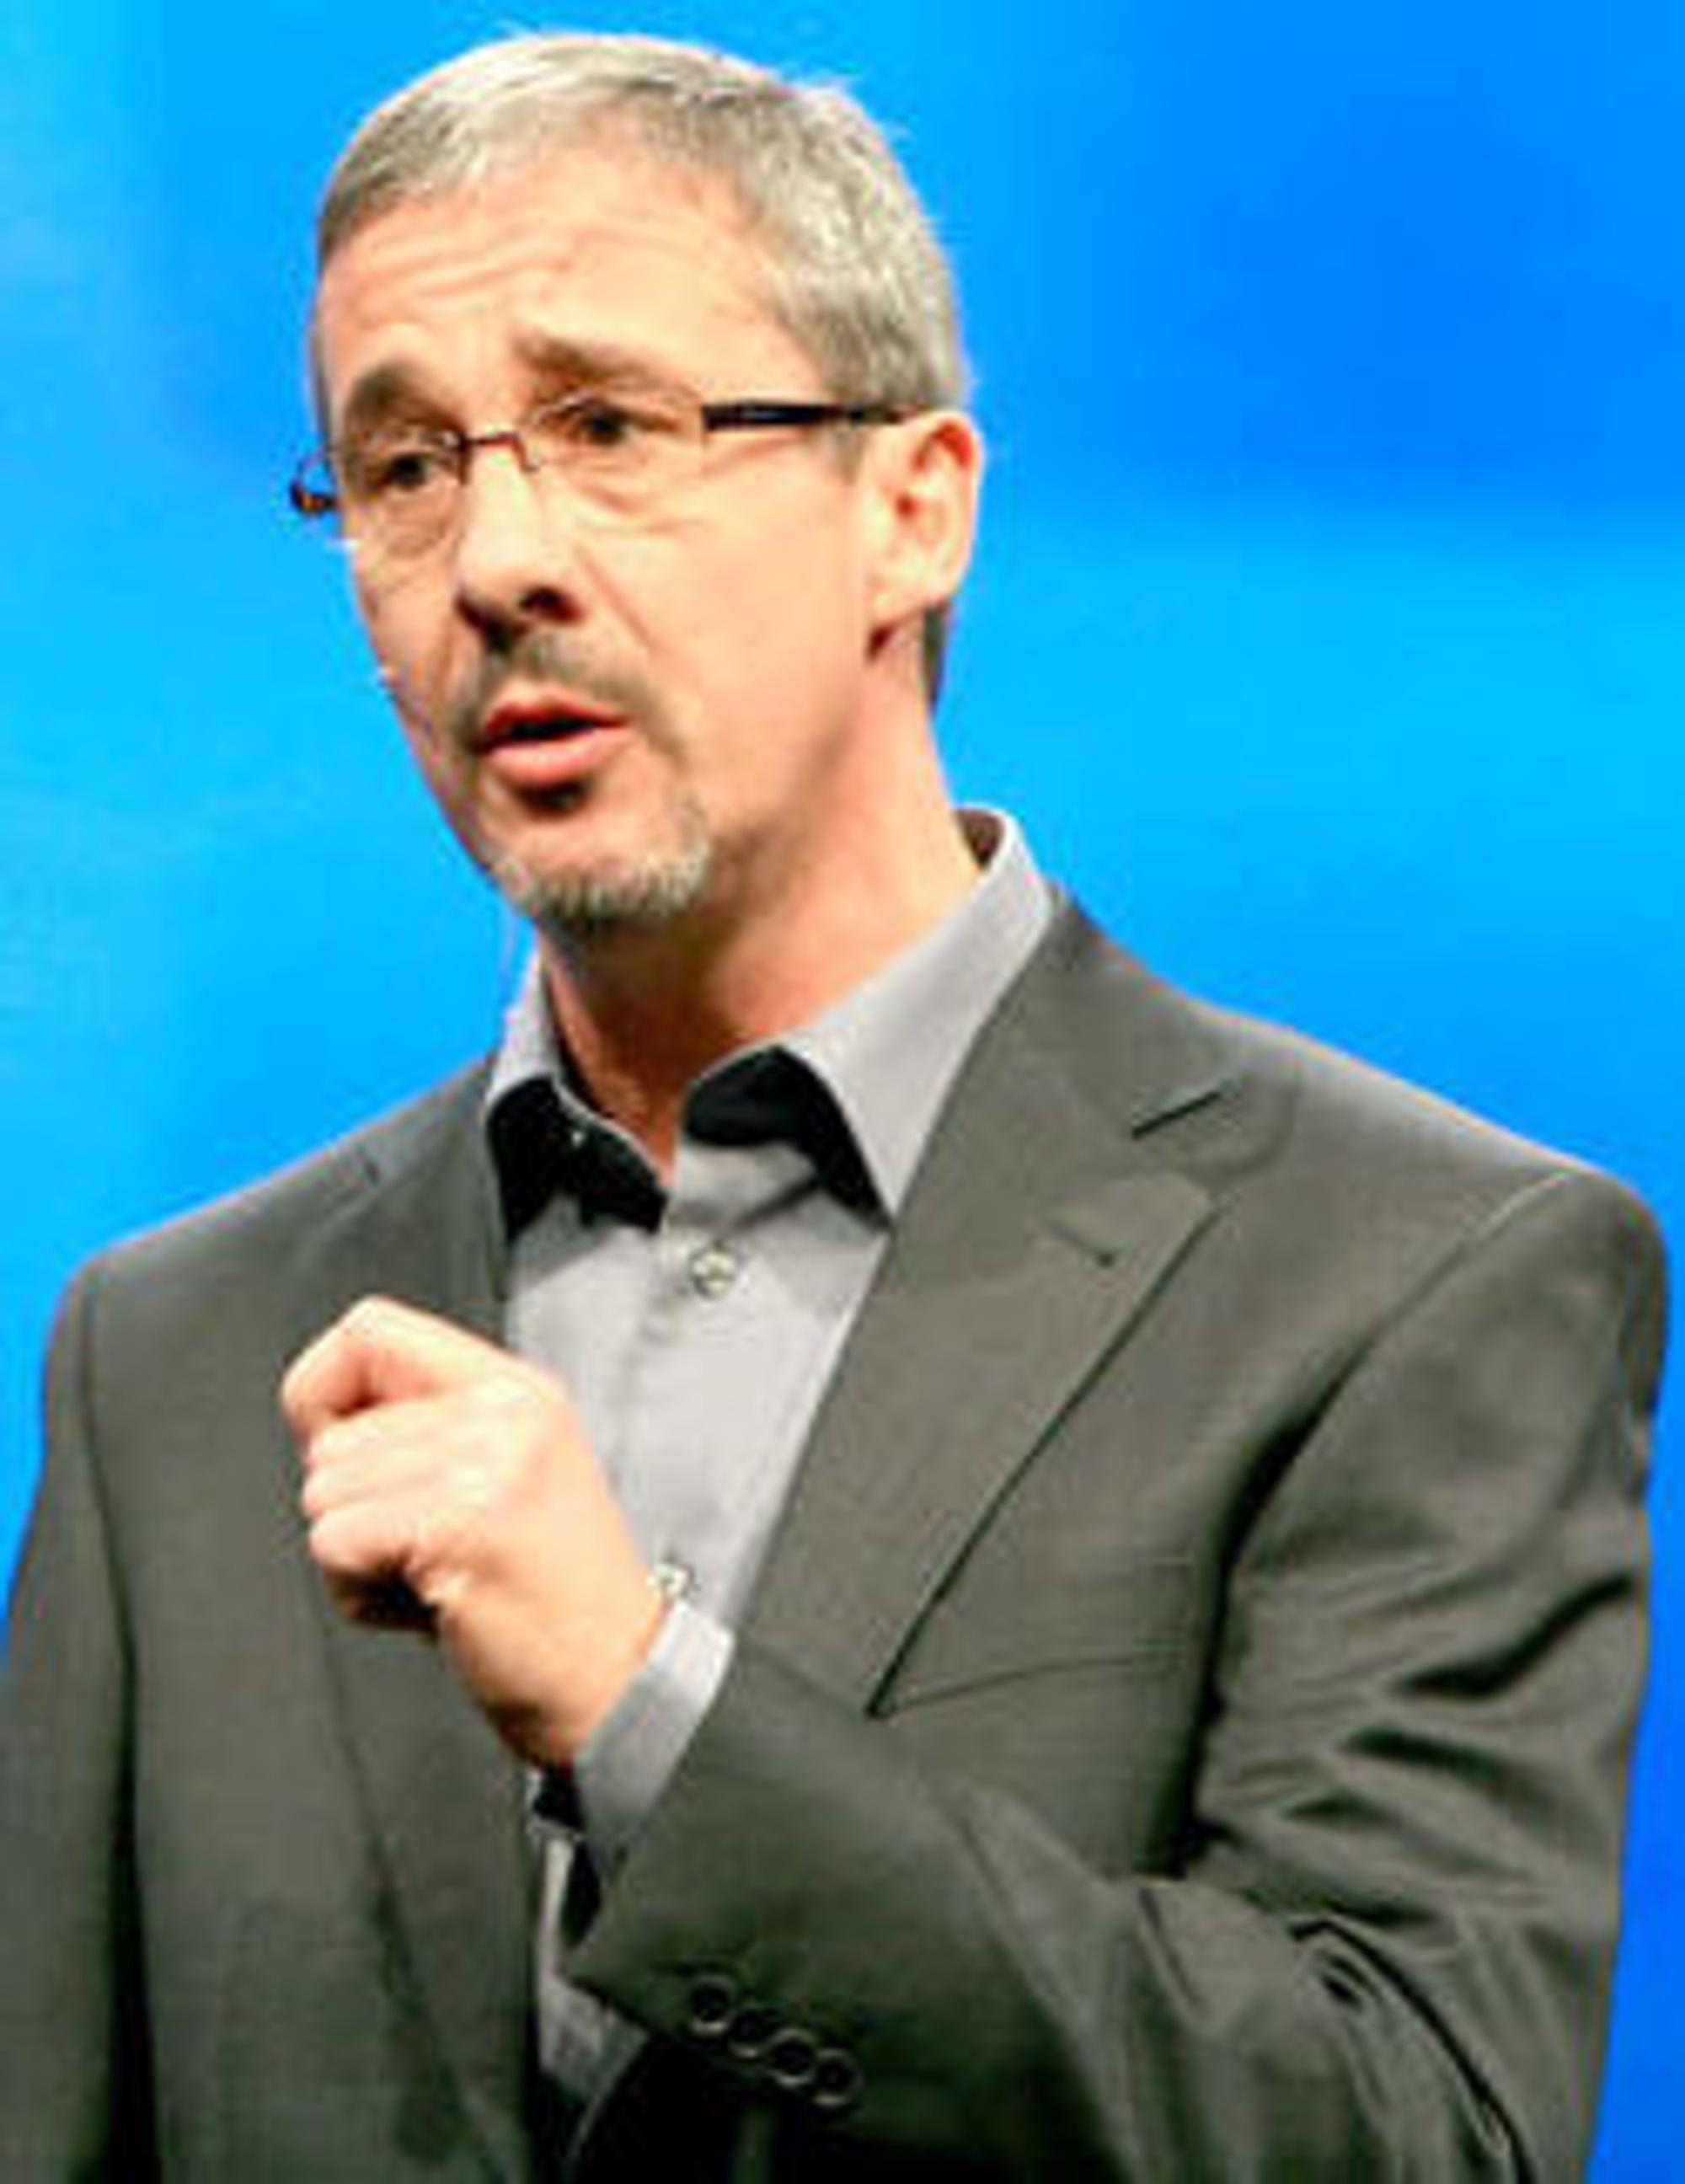 Gartner-analytiker Brian Gammage mener bedrifter må legge opp sine planer for Windows 7 med utgangspunkt i hvordan de skal legge opp til den virkelige framtidsrettede løsningen, «sammensatte arbeidsflater» eller «composite work spaces», som vil erstatte ideen om én pc til hver ansatt.